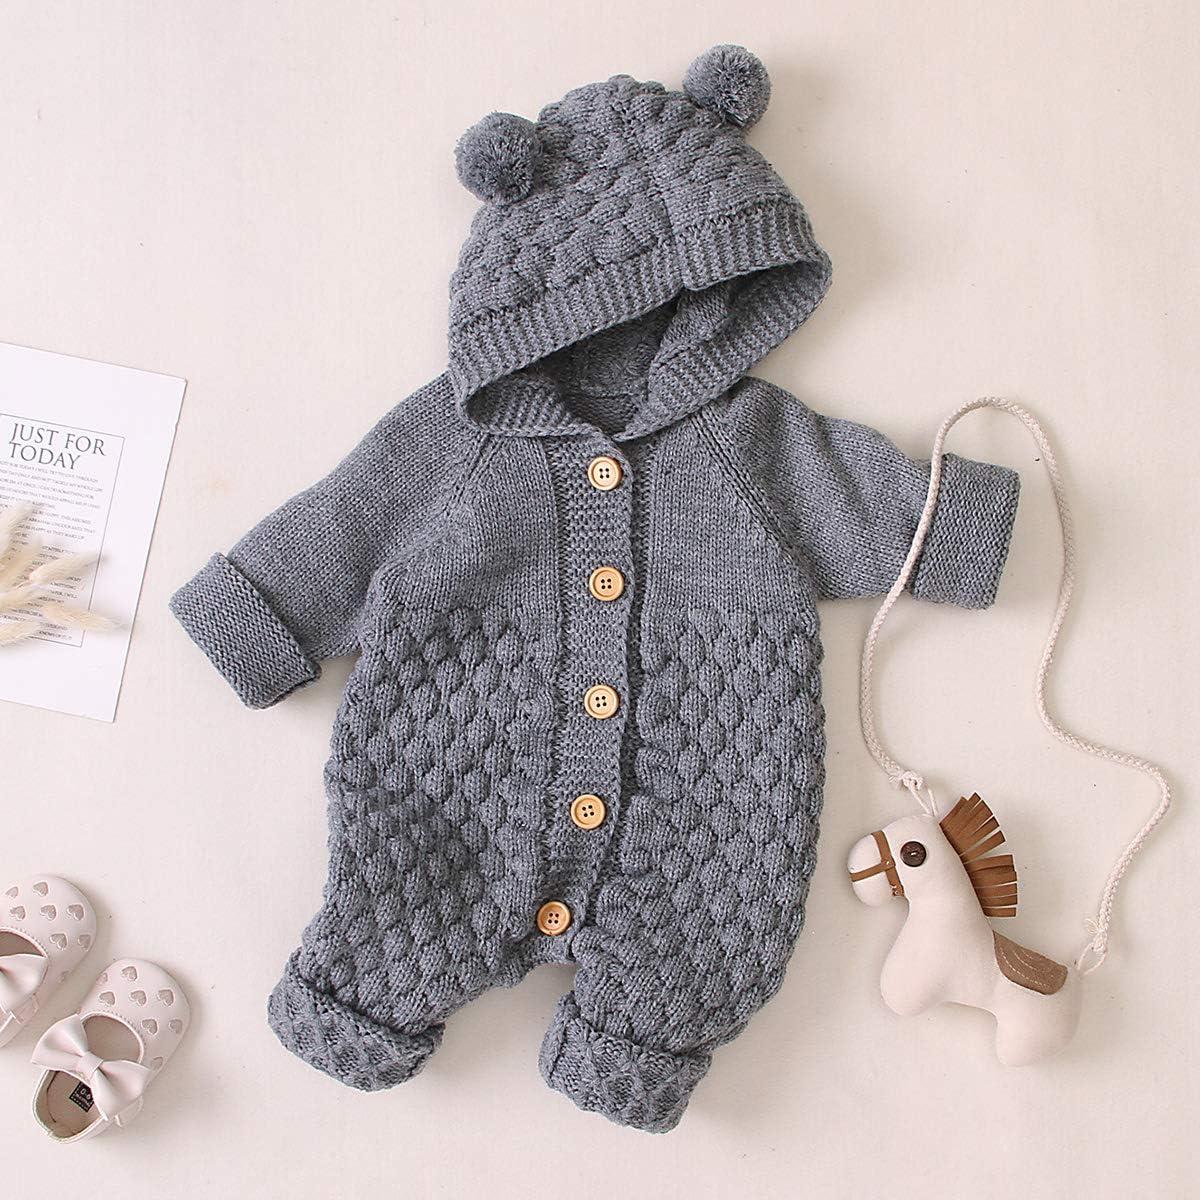 gestrickt warmer Pullover Einteiler mit Kapuze NCONCO Baby-Overall f/ür Neugeborene